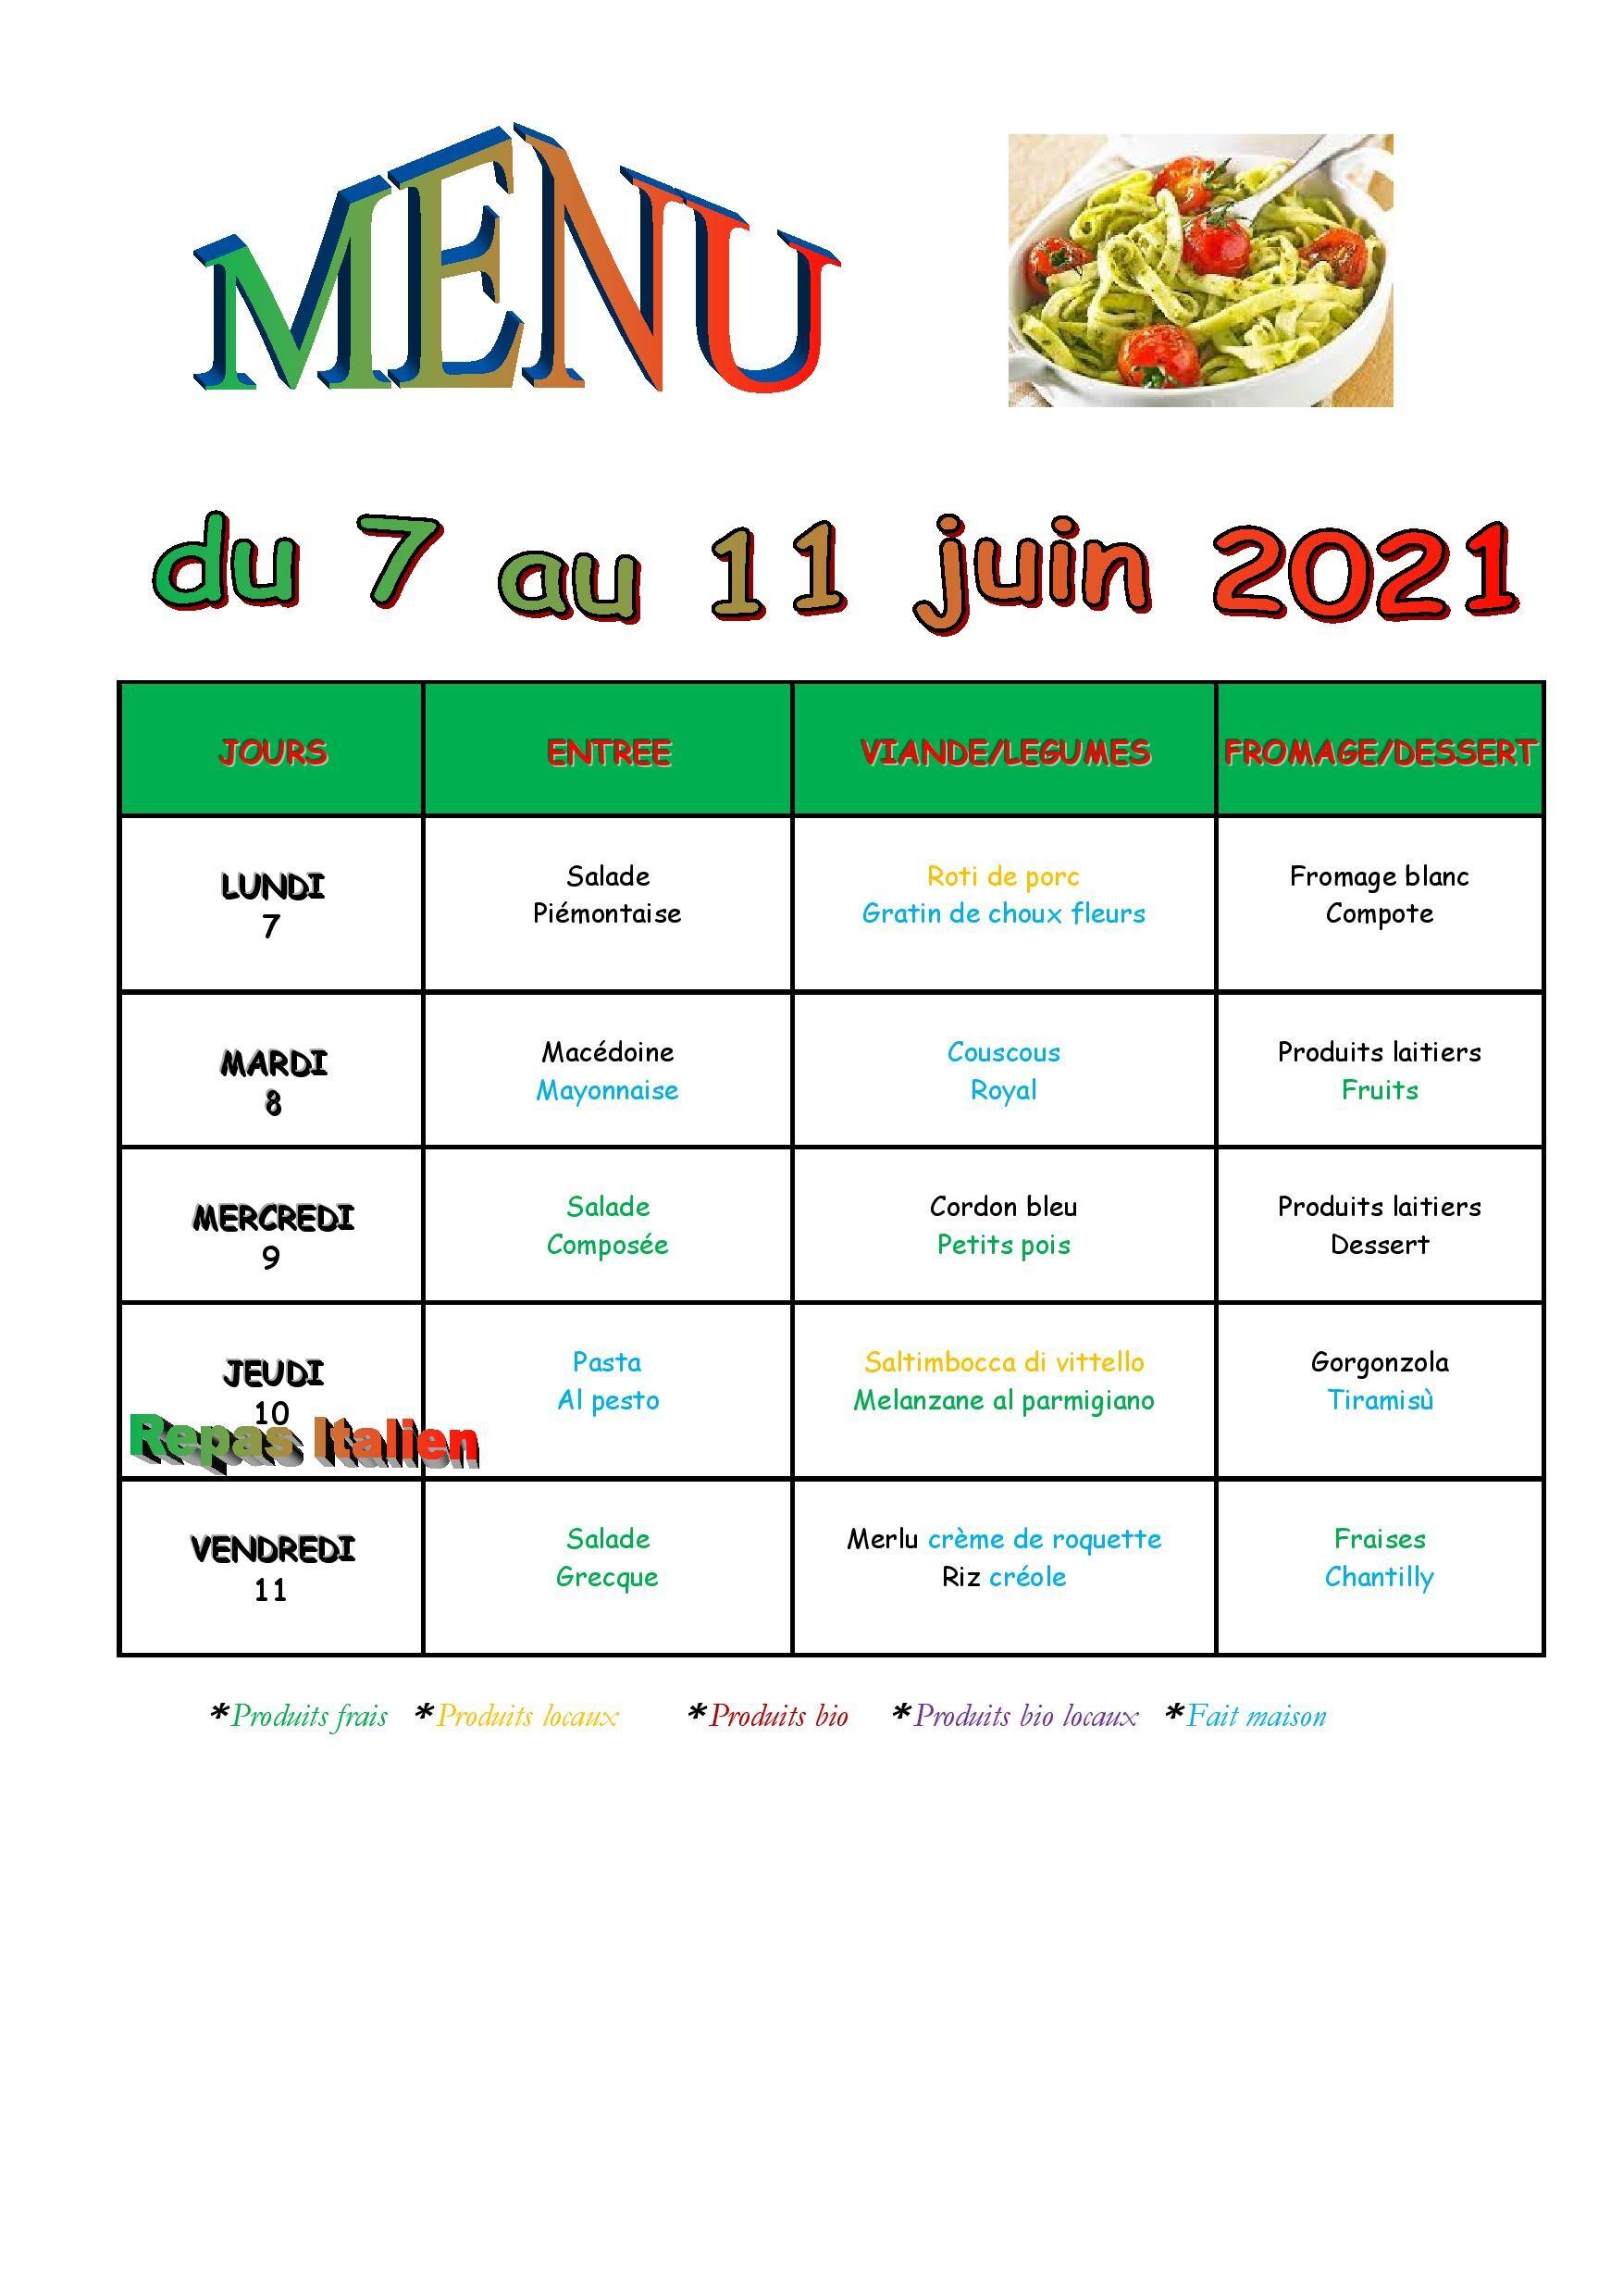 menu du 7 au 11 juin 2021.doc-page-001.jpg